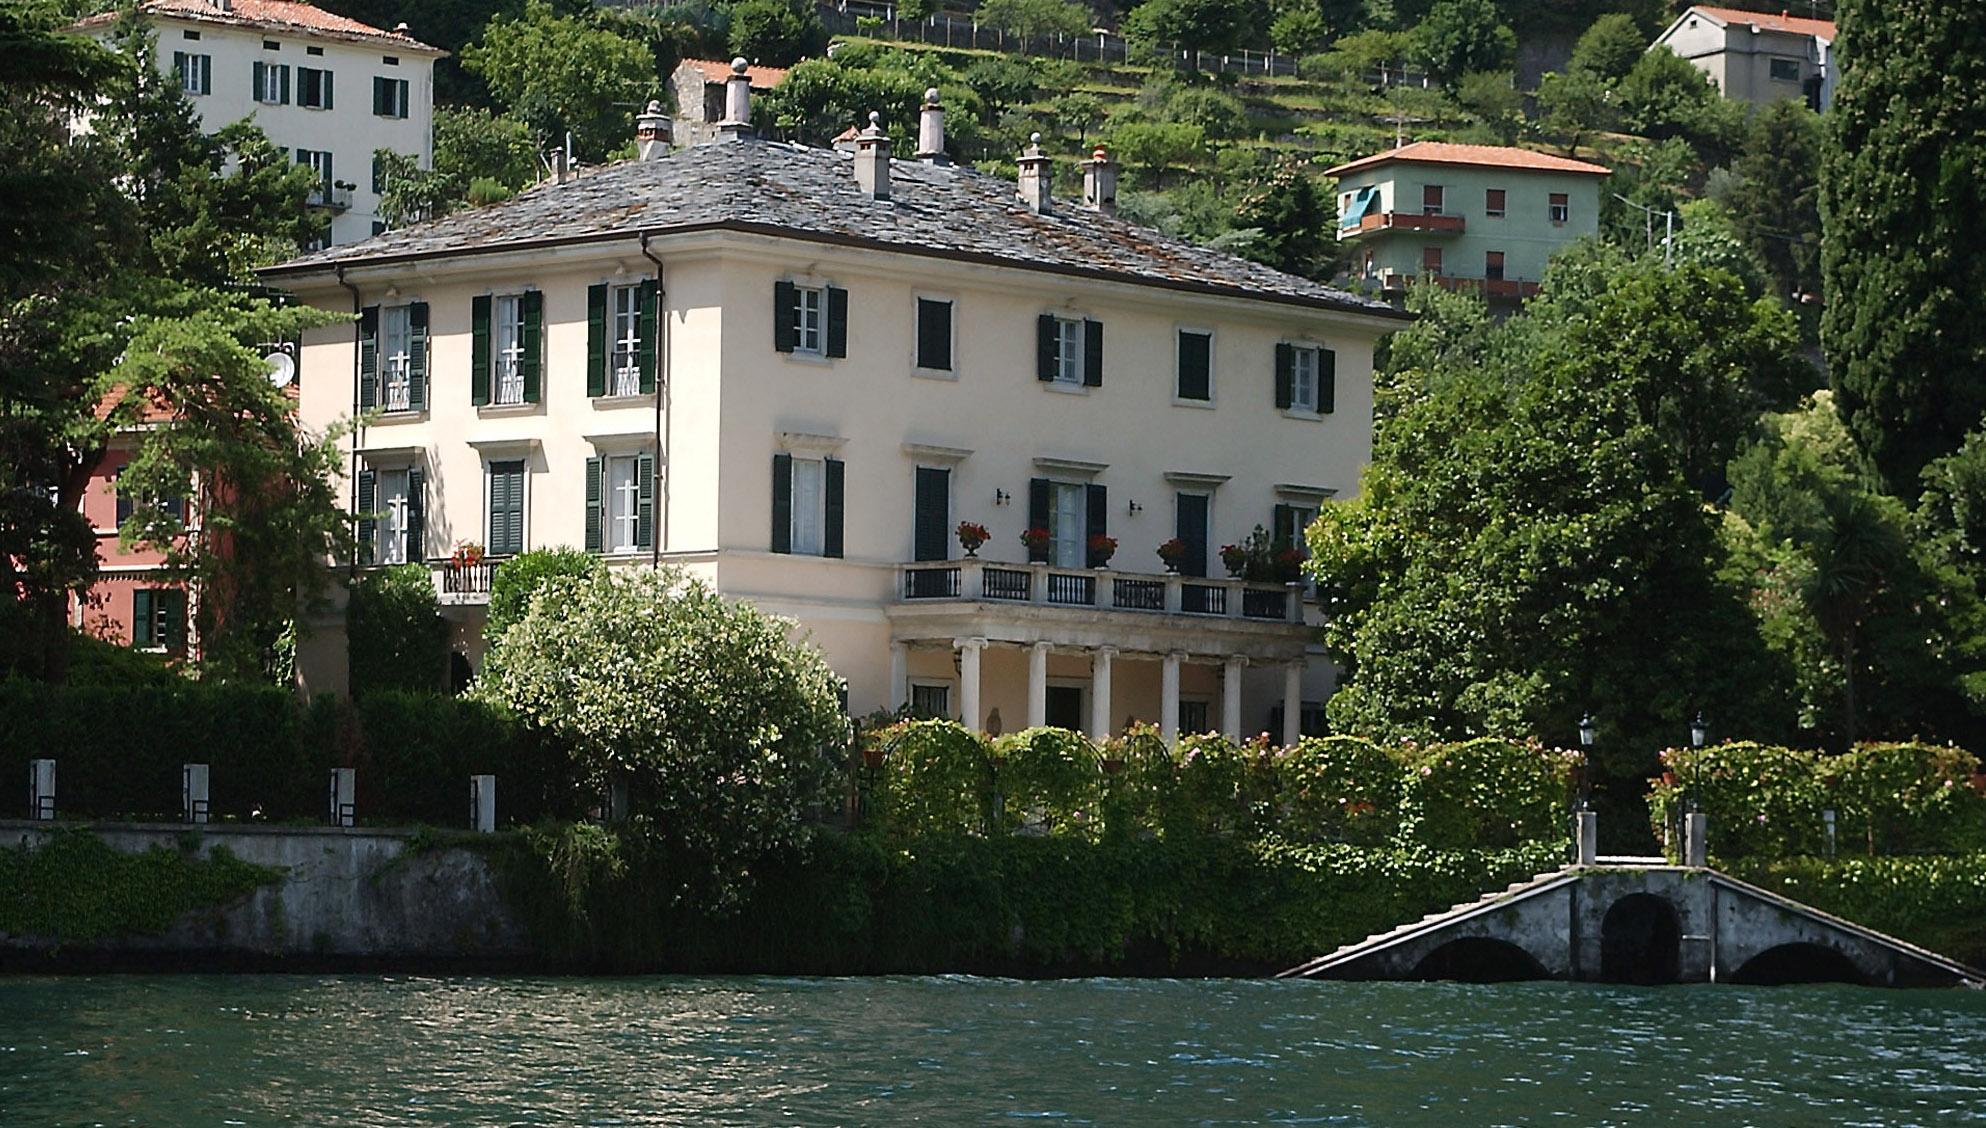 Laglio 100 milioni per la villa di george clooney for Casa la villa